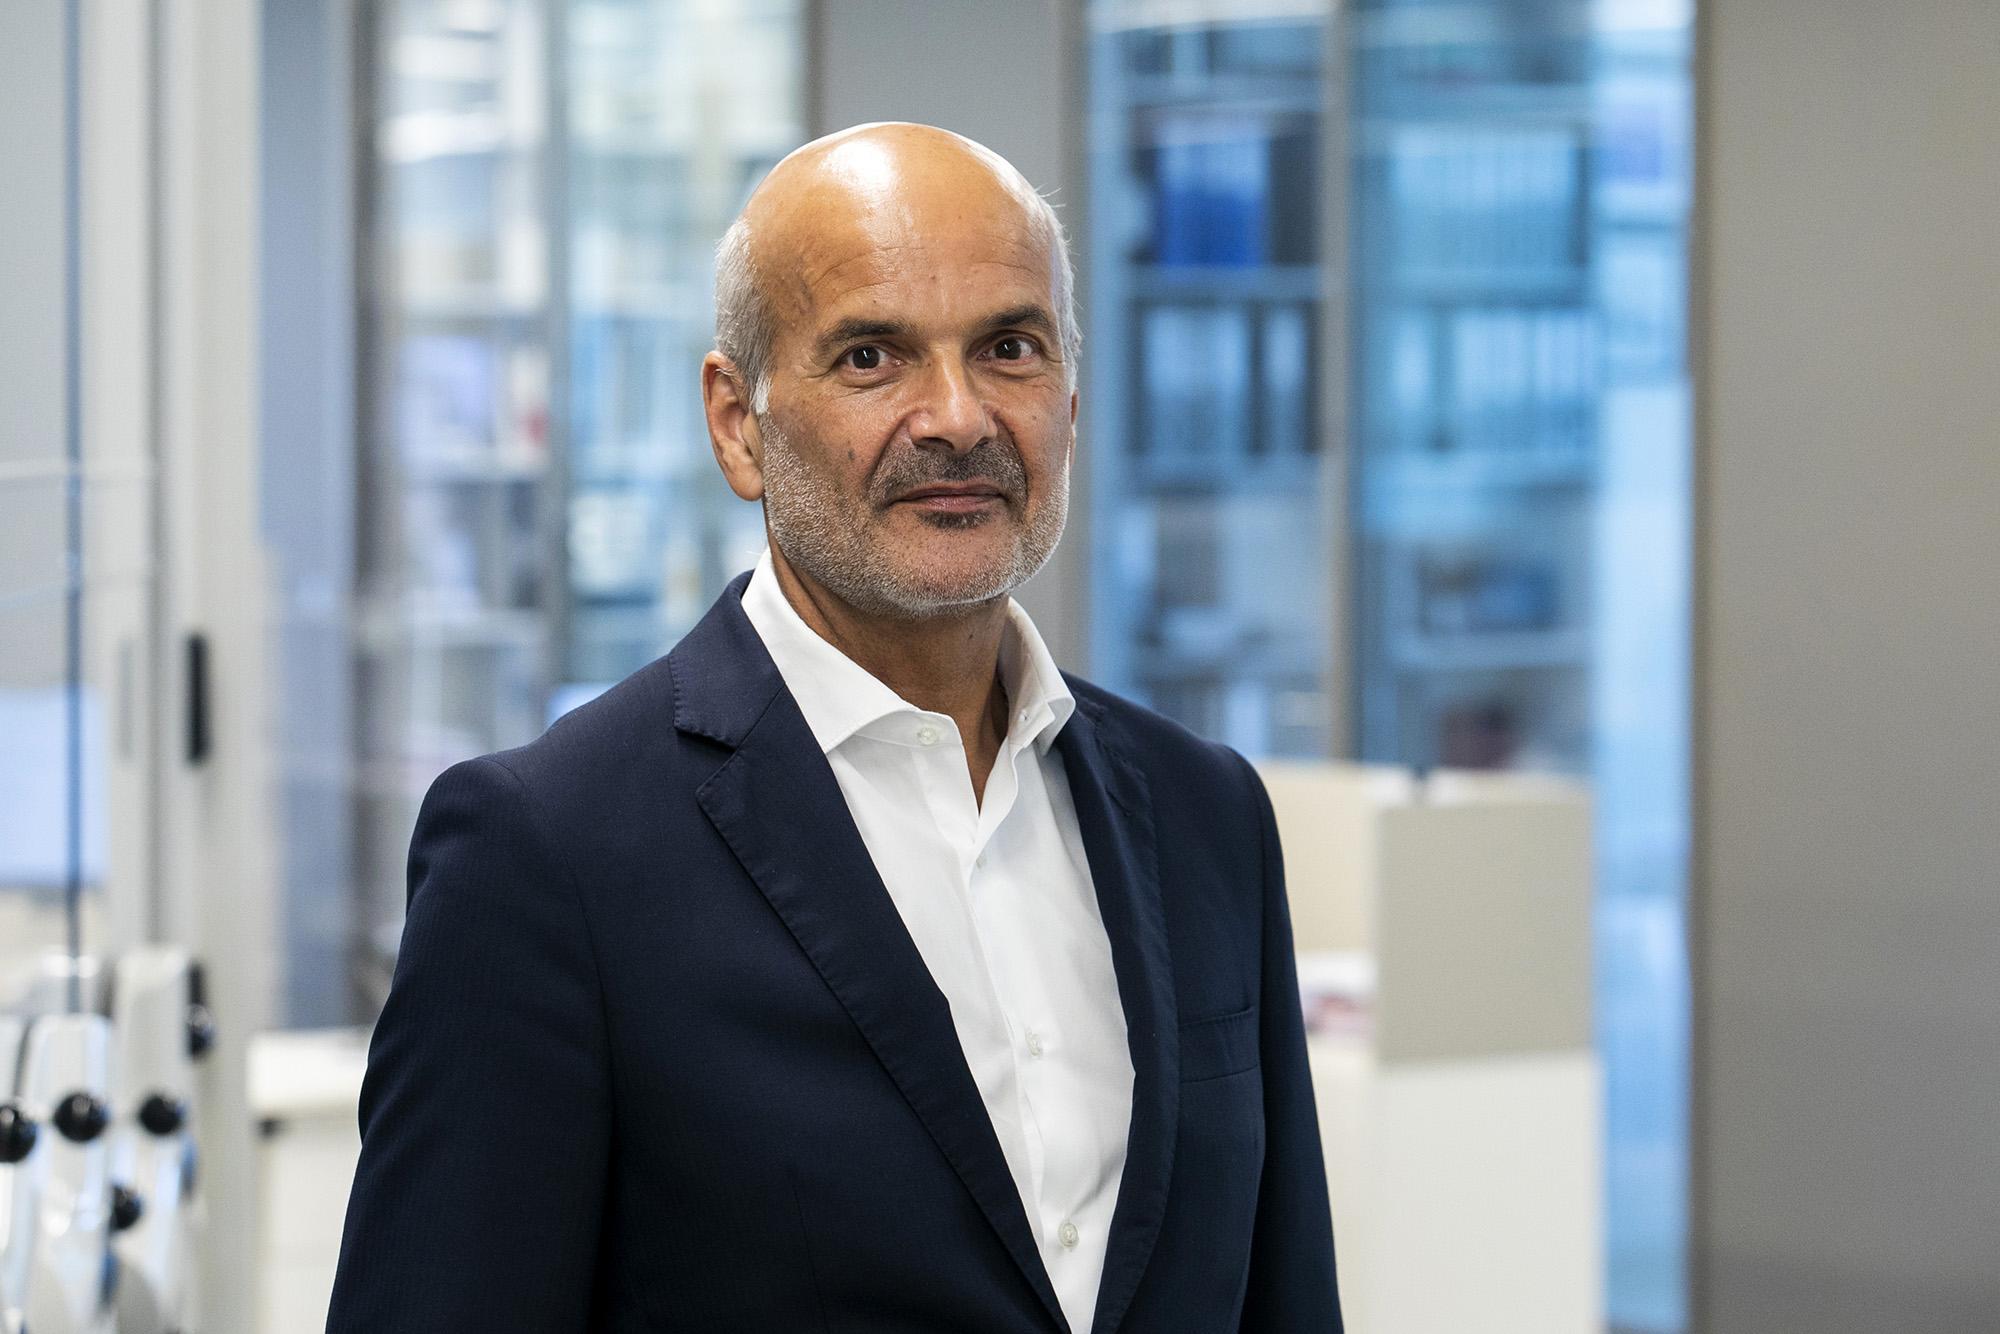 Nuno Líbano Monteiro, Senior Partner da PLMJ, em entrevista ao ECO/Advocatus - 27JUL20